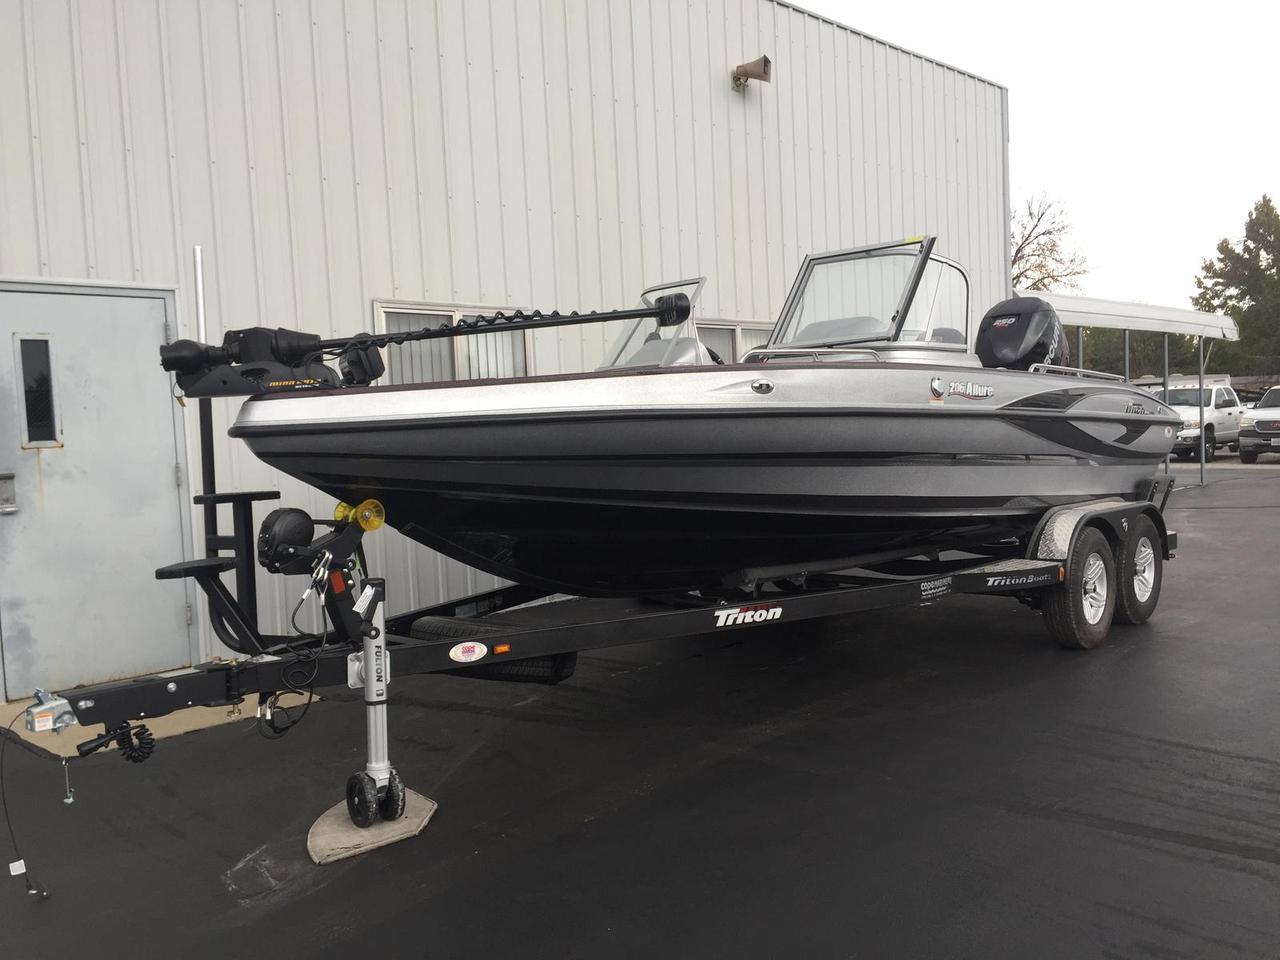 2017 new triton boats 206 allure ski and fish boat for for Triton fish and ski